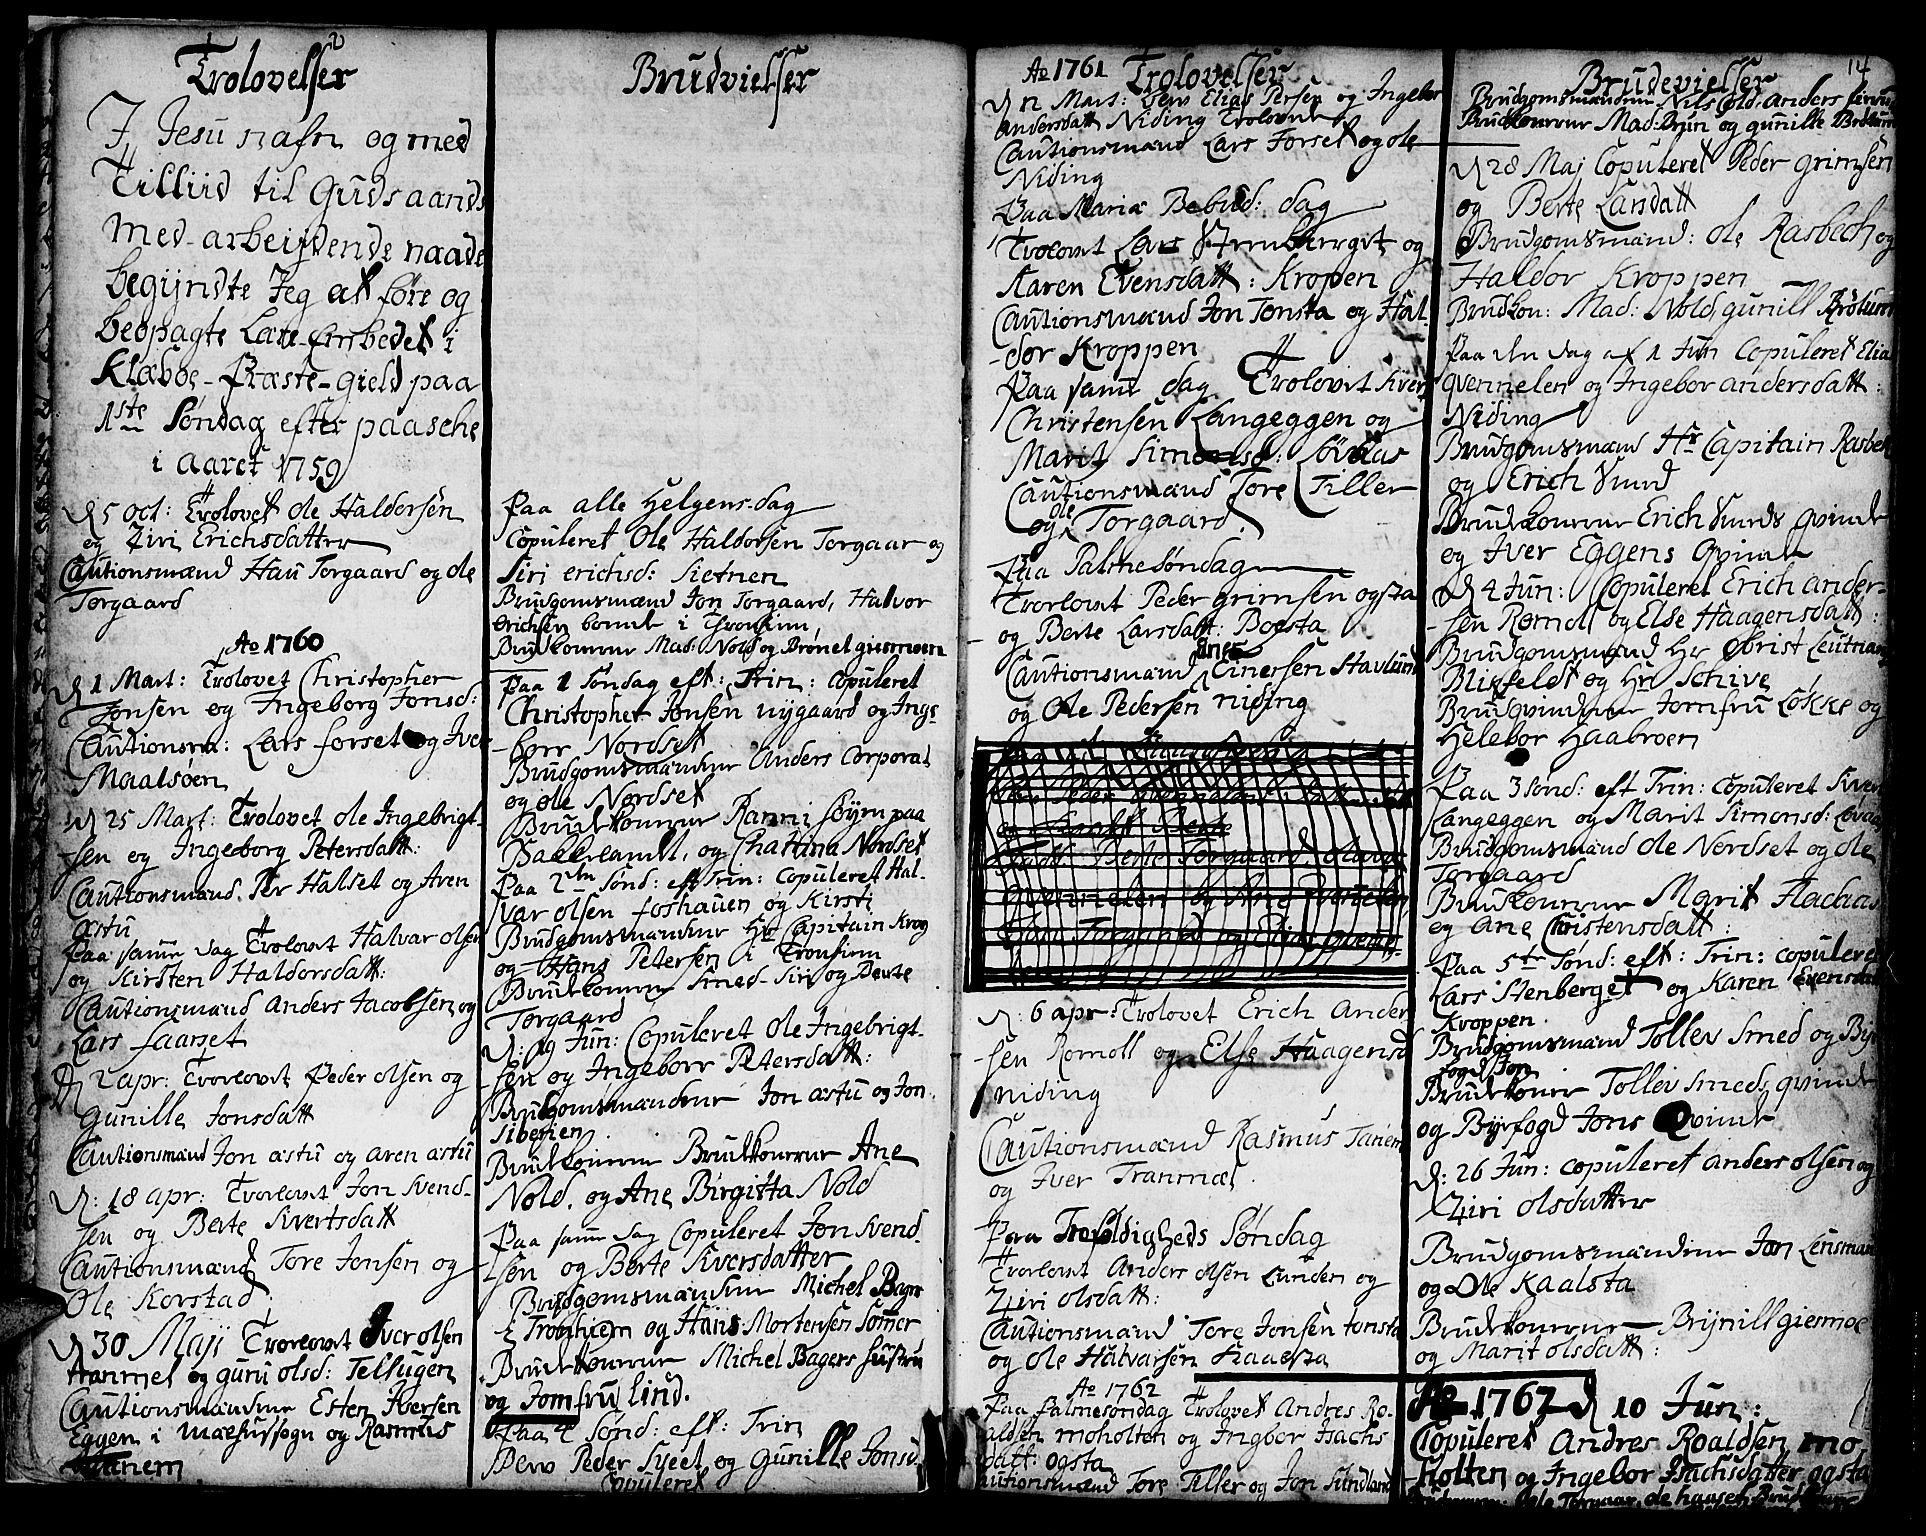 SAT, Ministerialprotokoller, klokkerbøker og fødselsregistre - Sør-Trøndelag, 618/L0437: Ministerialbok nr. 618A02, 1749-1782, s. 14